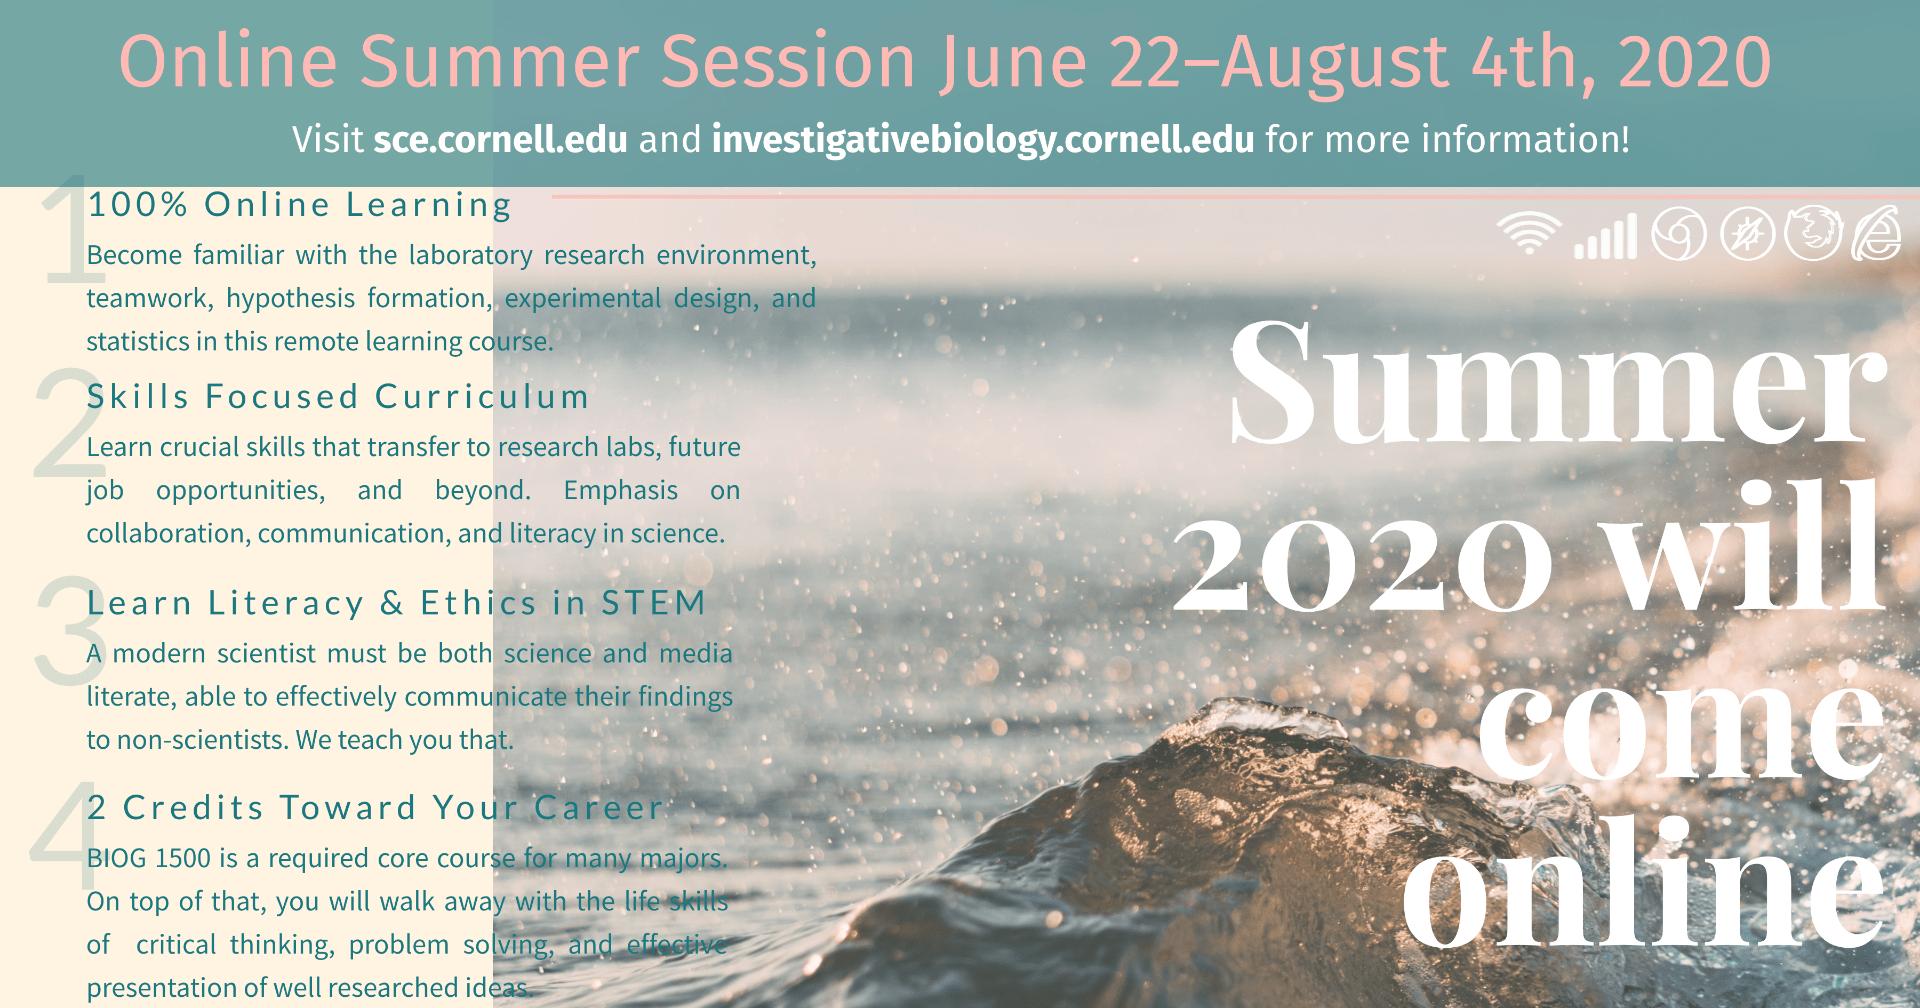 Promotional image displaying details for BIOG 1500 online Summer Session for 2020.